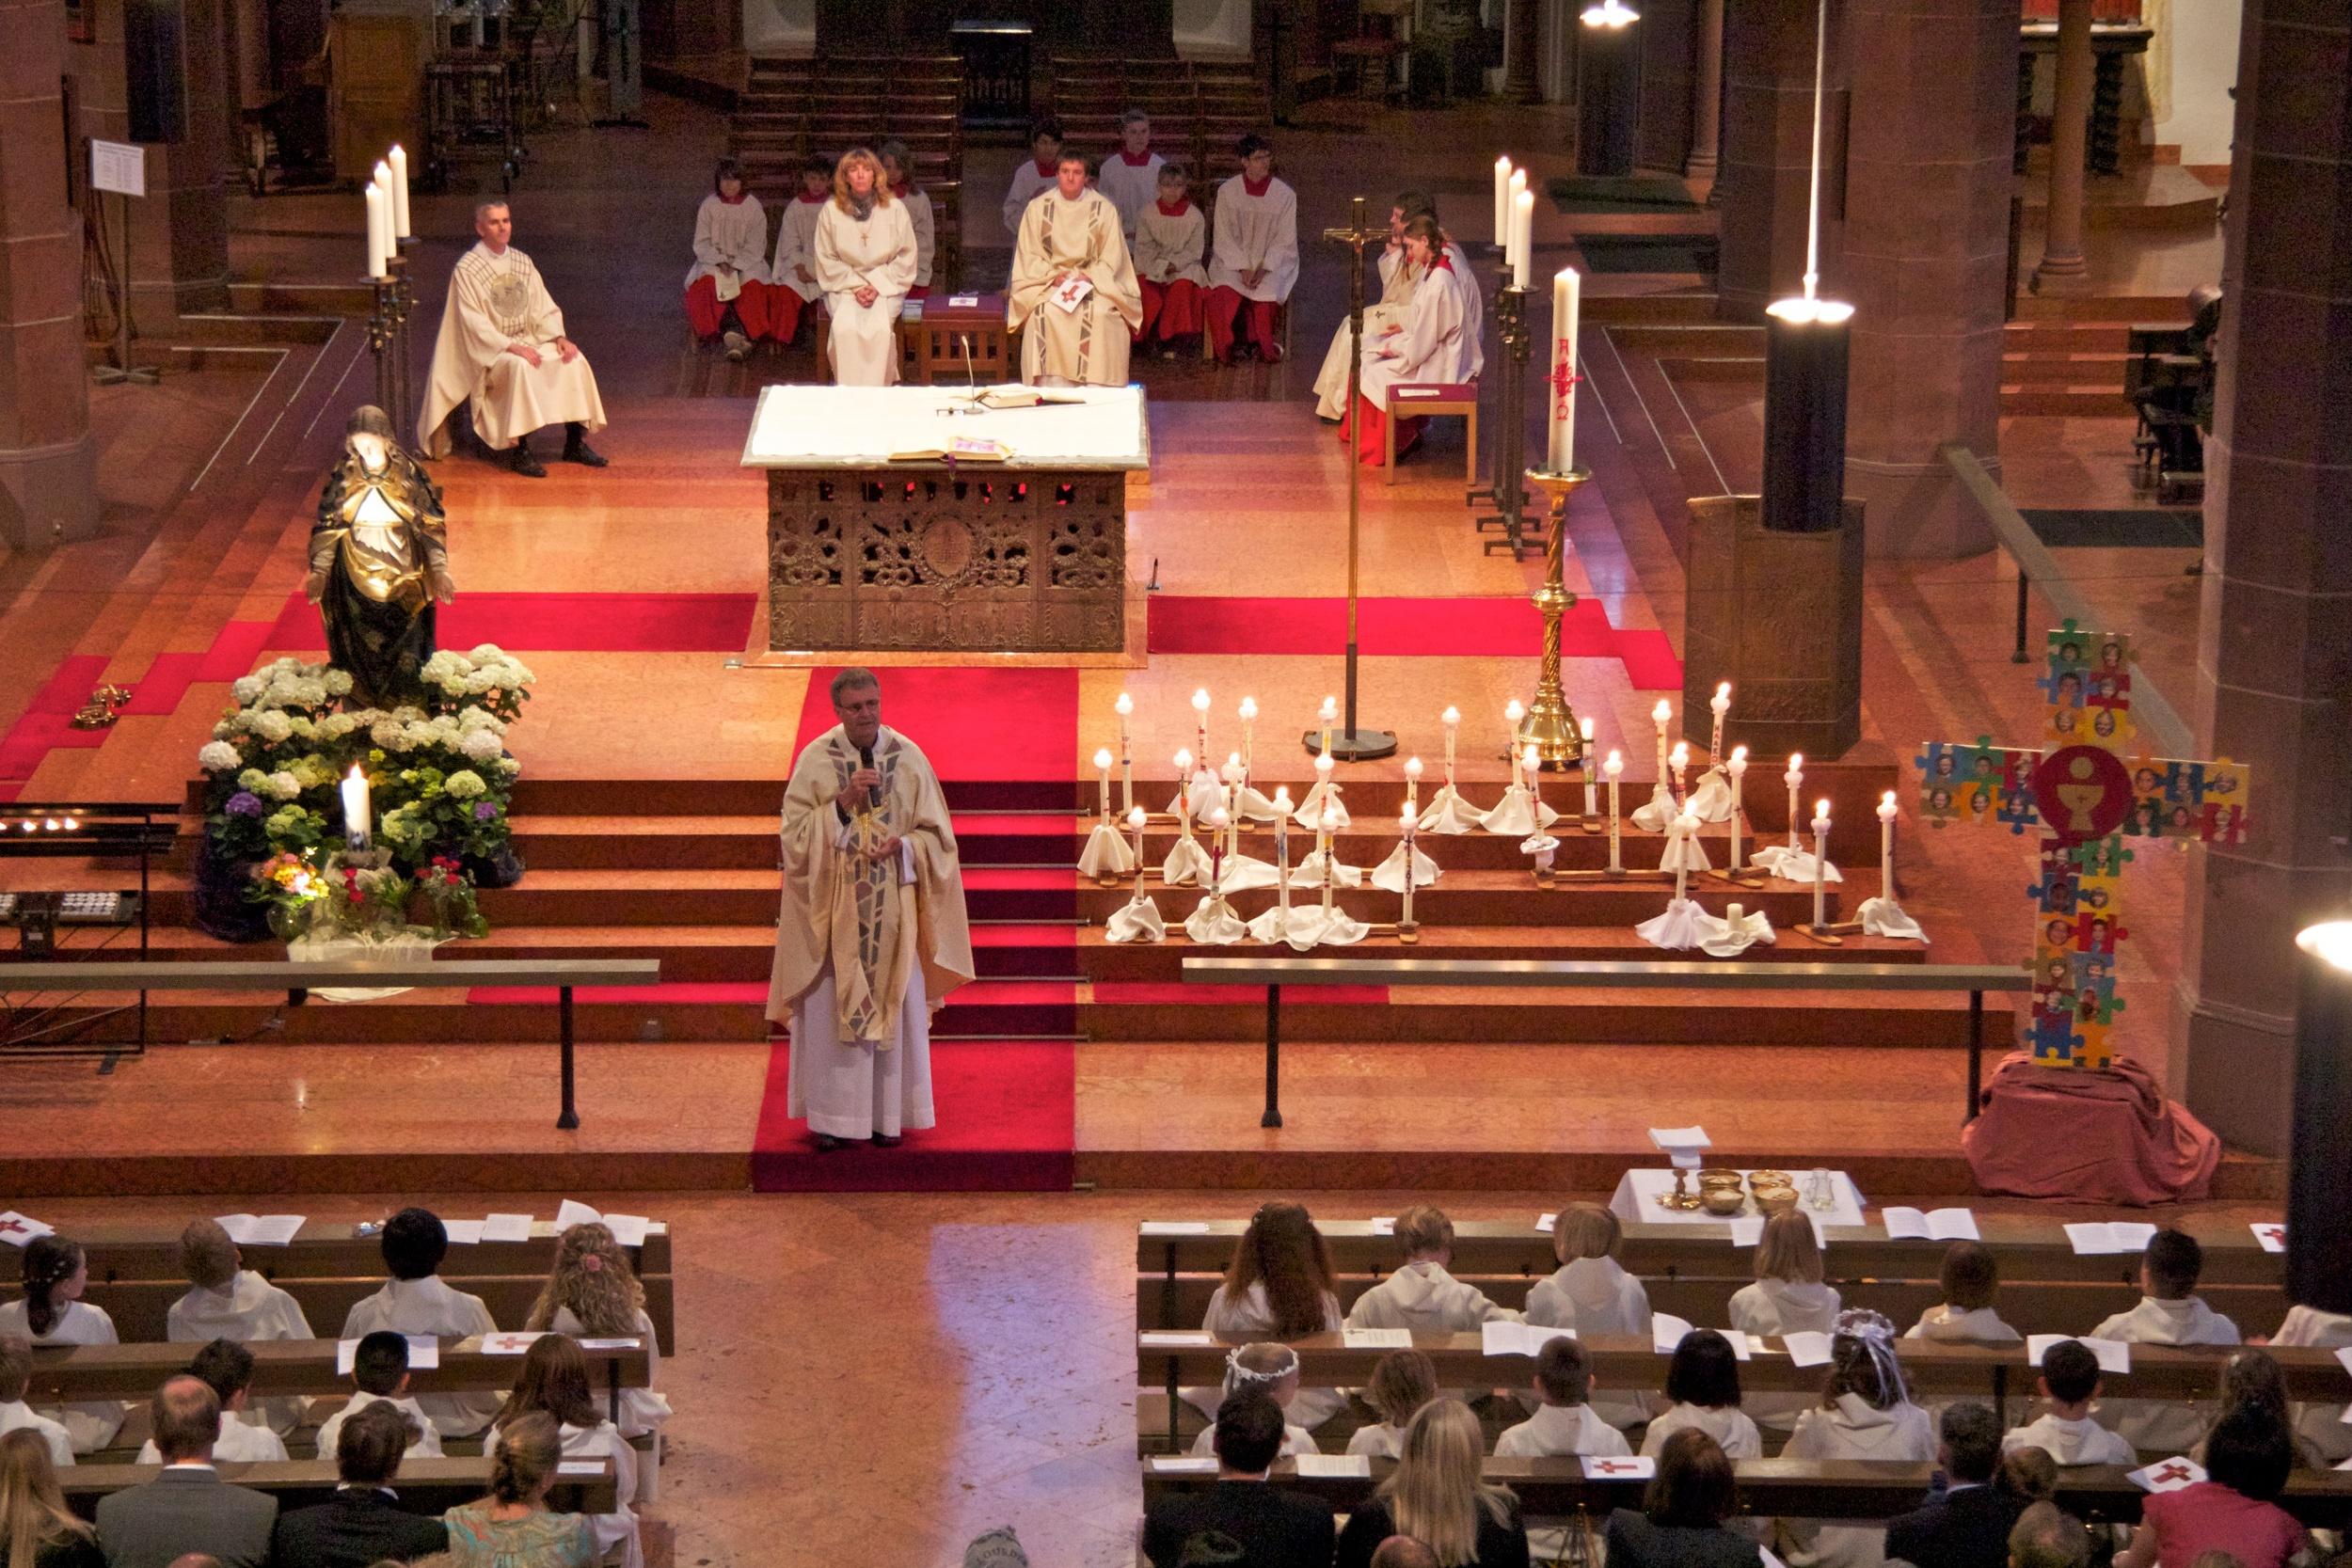 Erstkommuniongottesdienst 2012 in St. Bonifatius. Bild: B.Dahlhoff